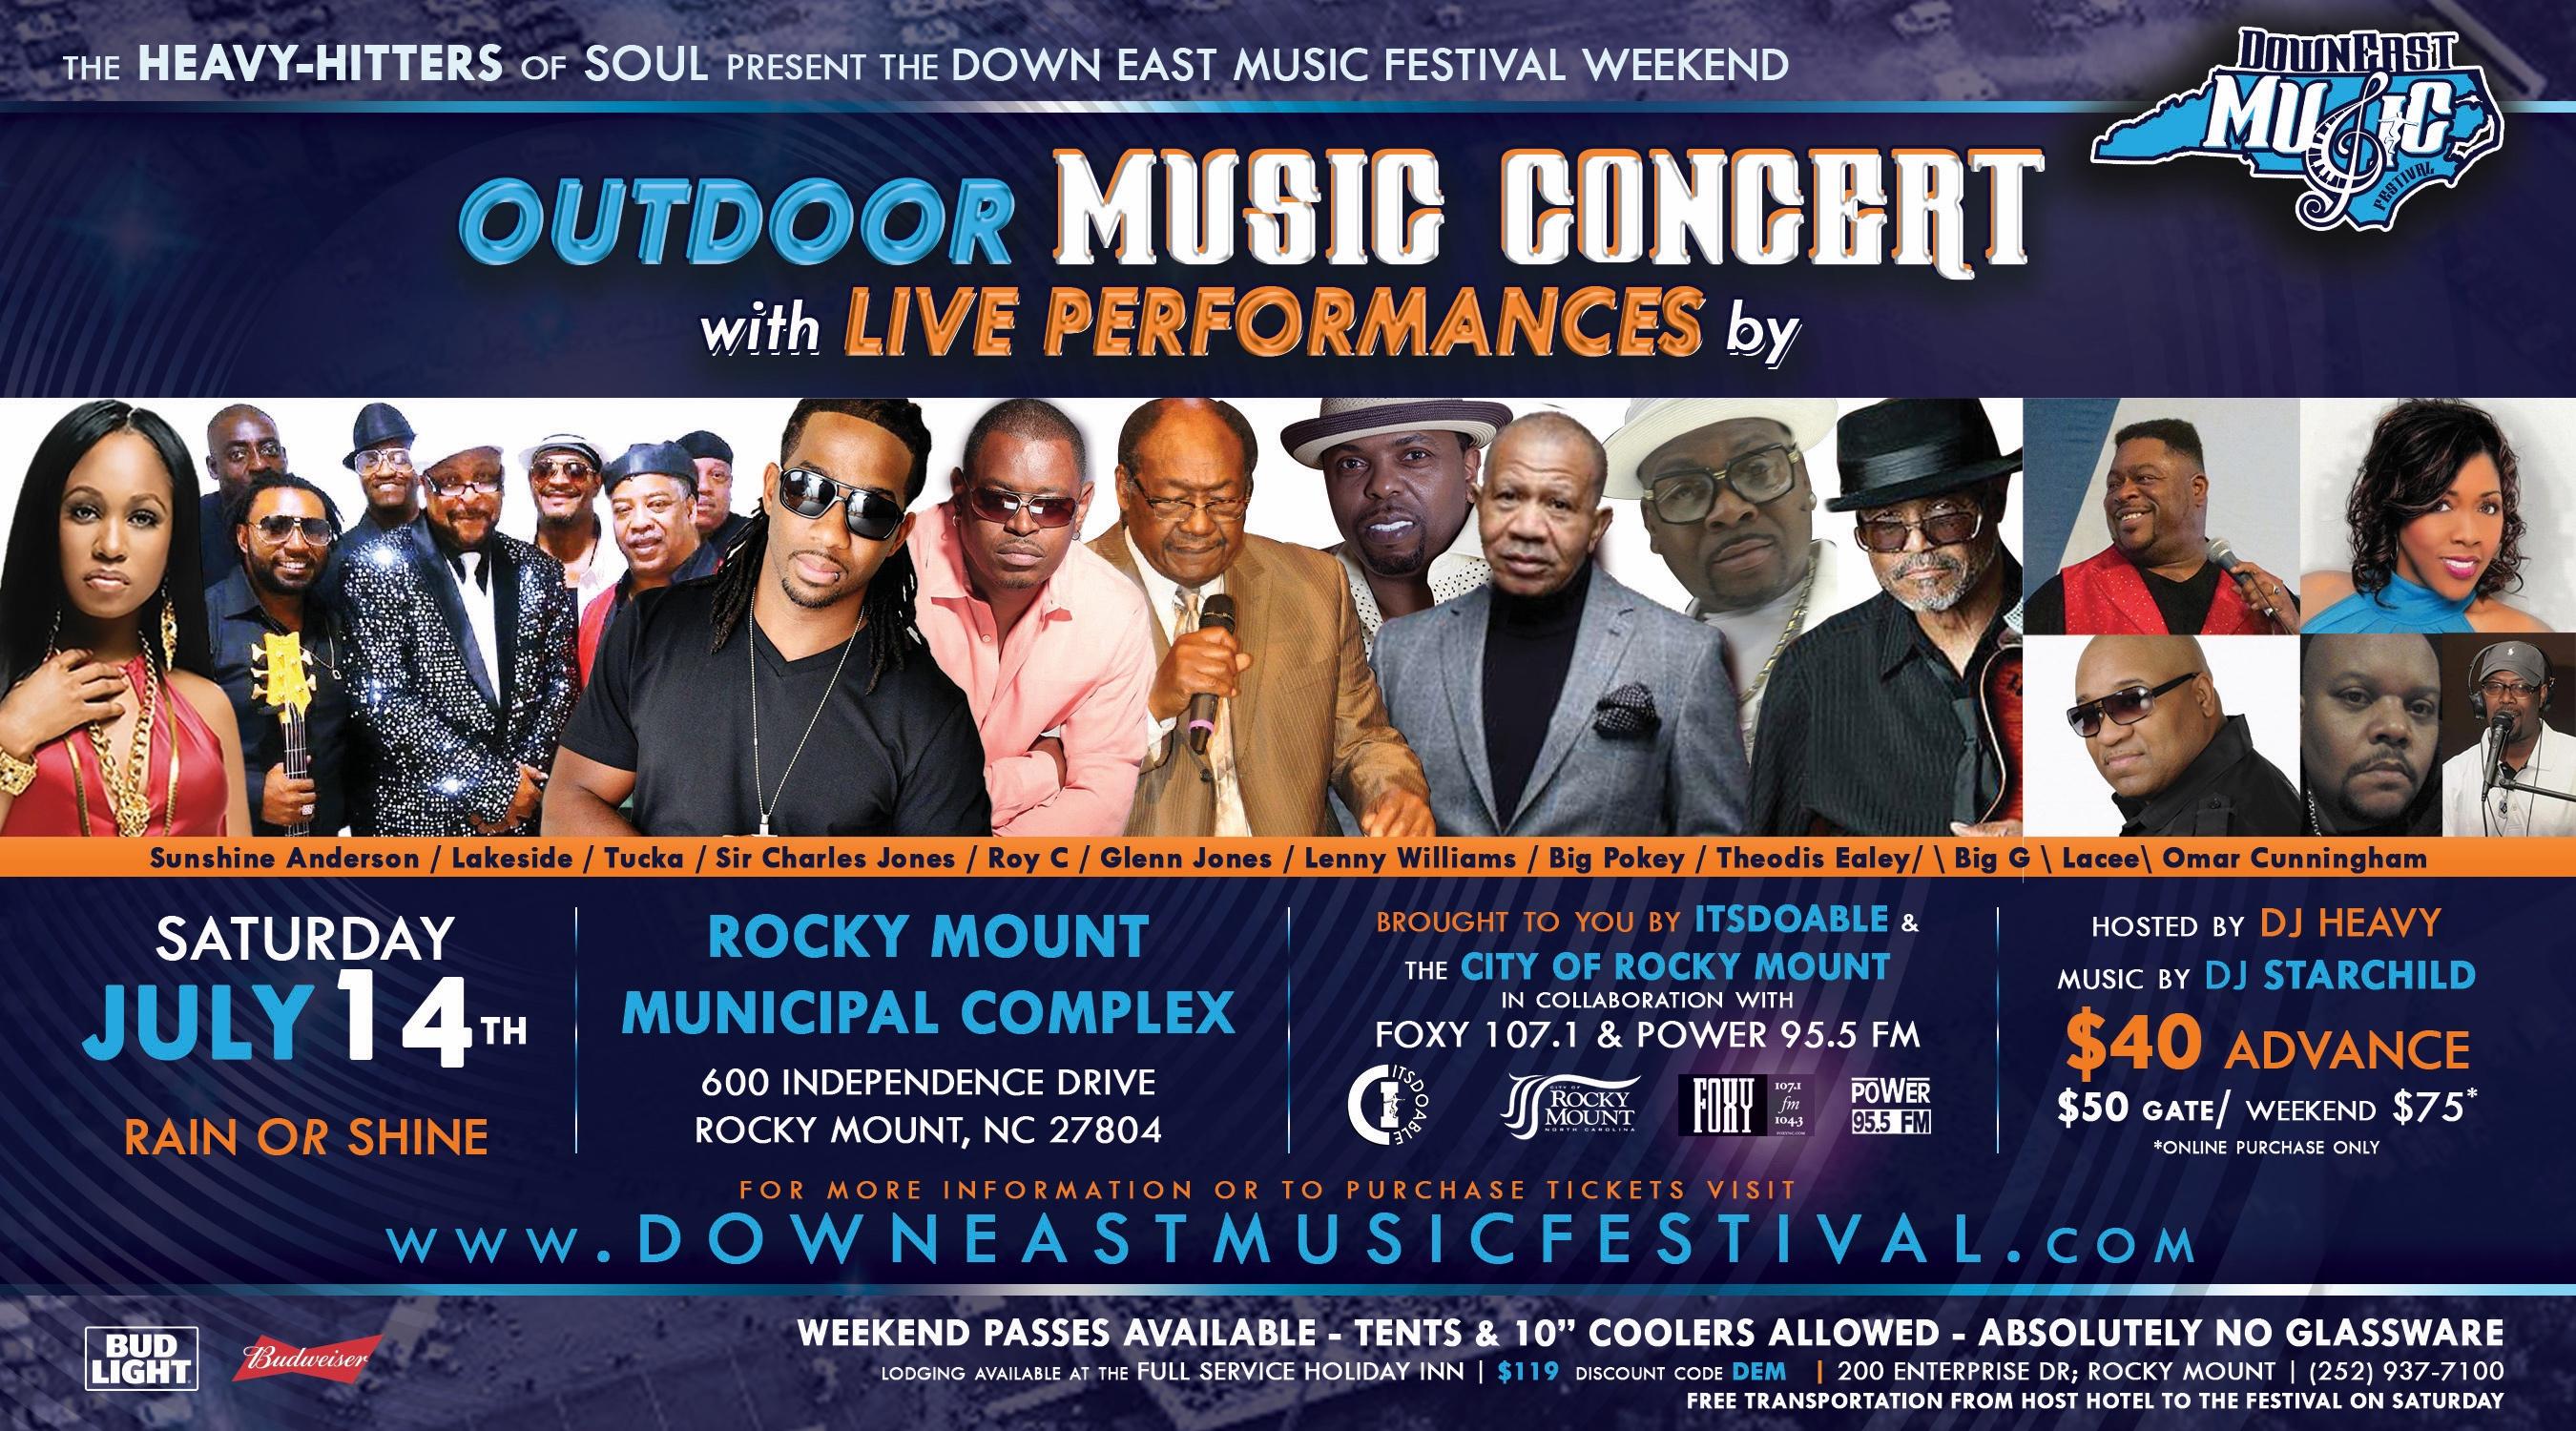 Down East Music Festival